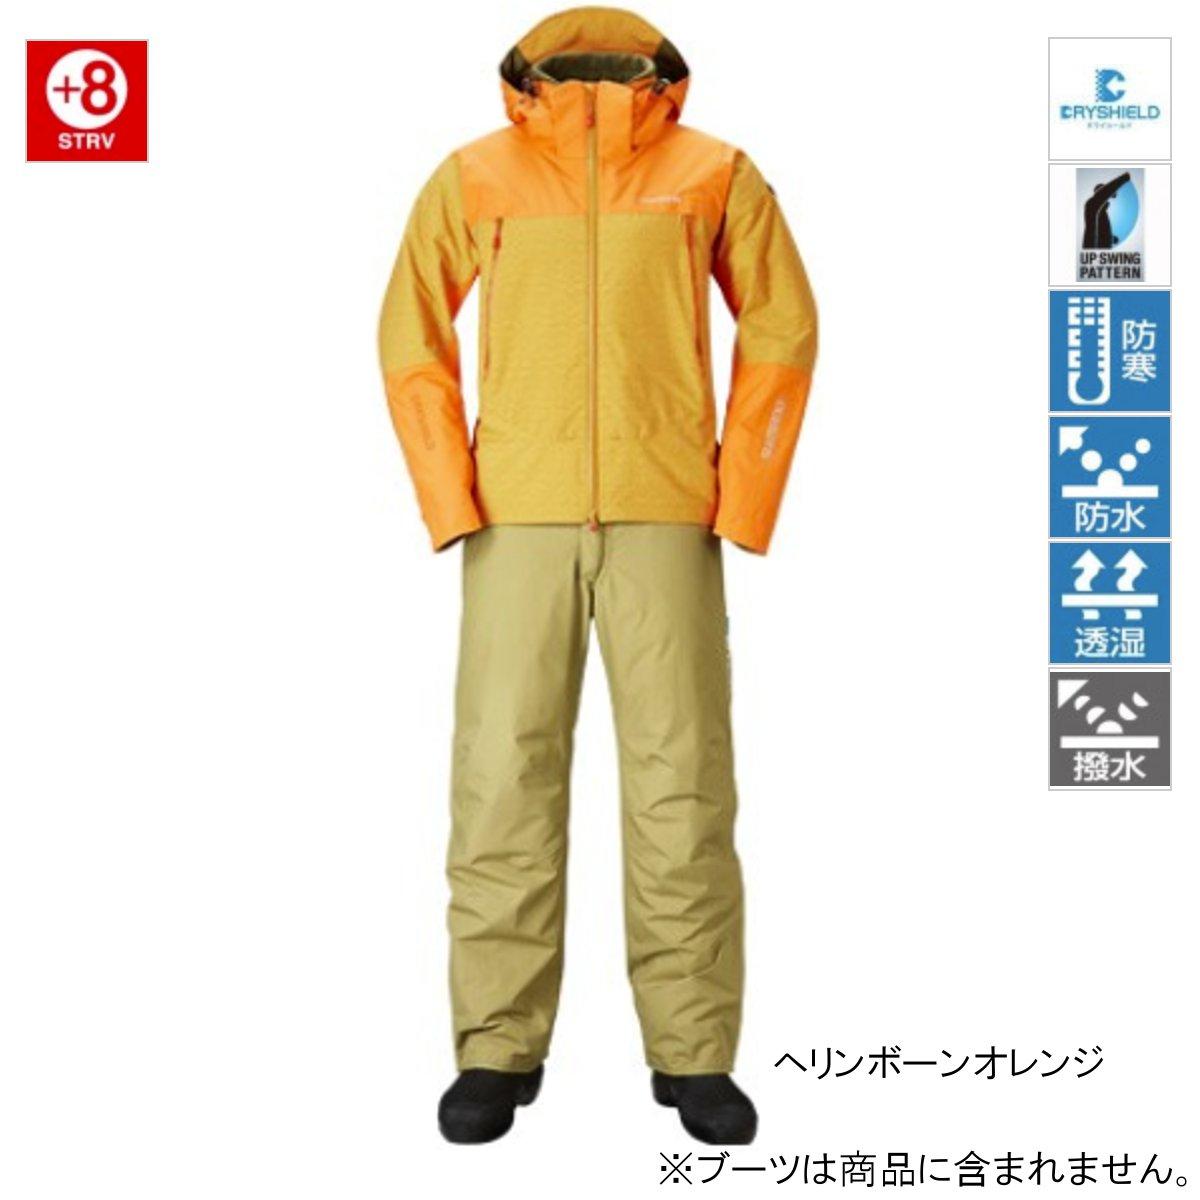 シマノ DSアドバンスウォームスーツ RB-025R L ヘリンボーンオレンジ【送料無料】